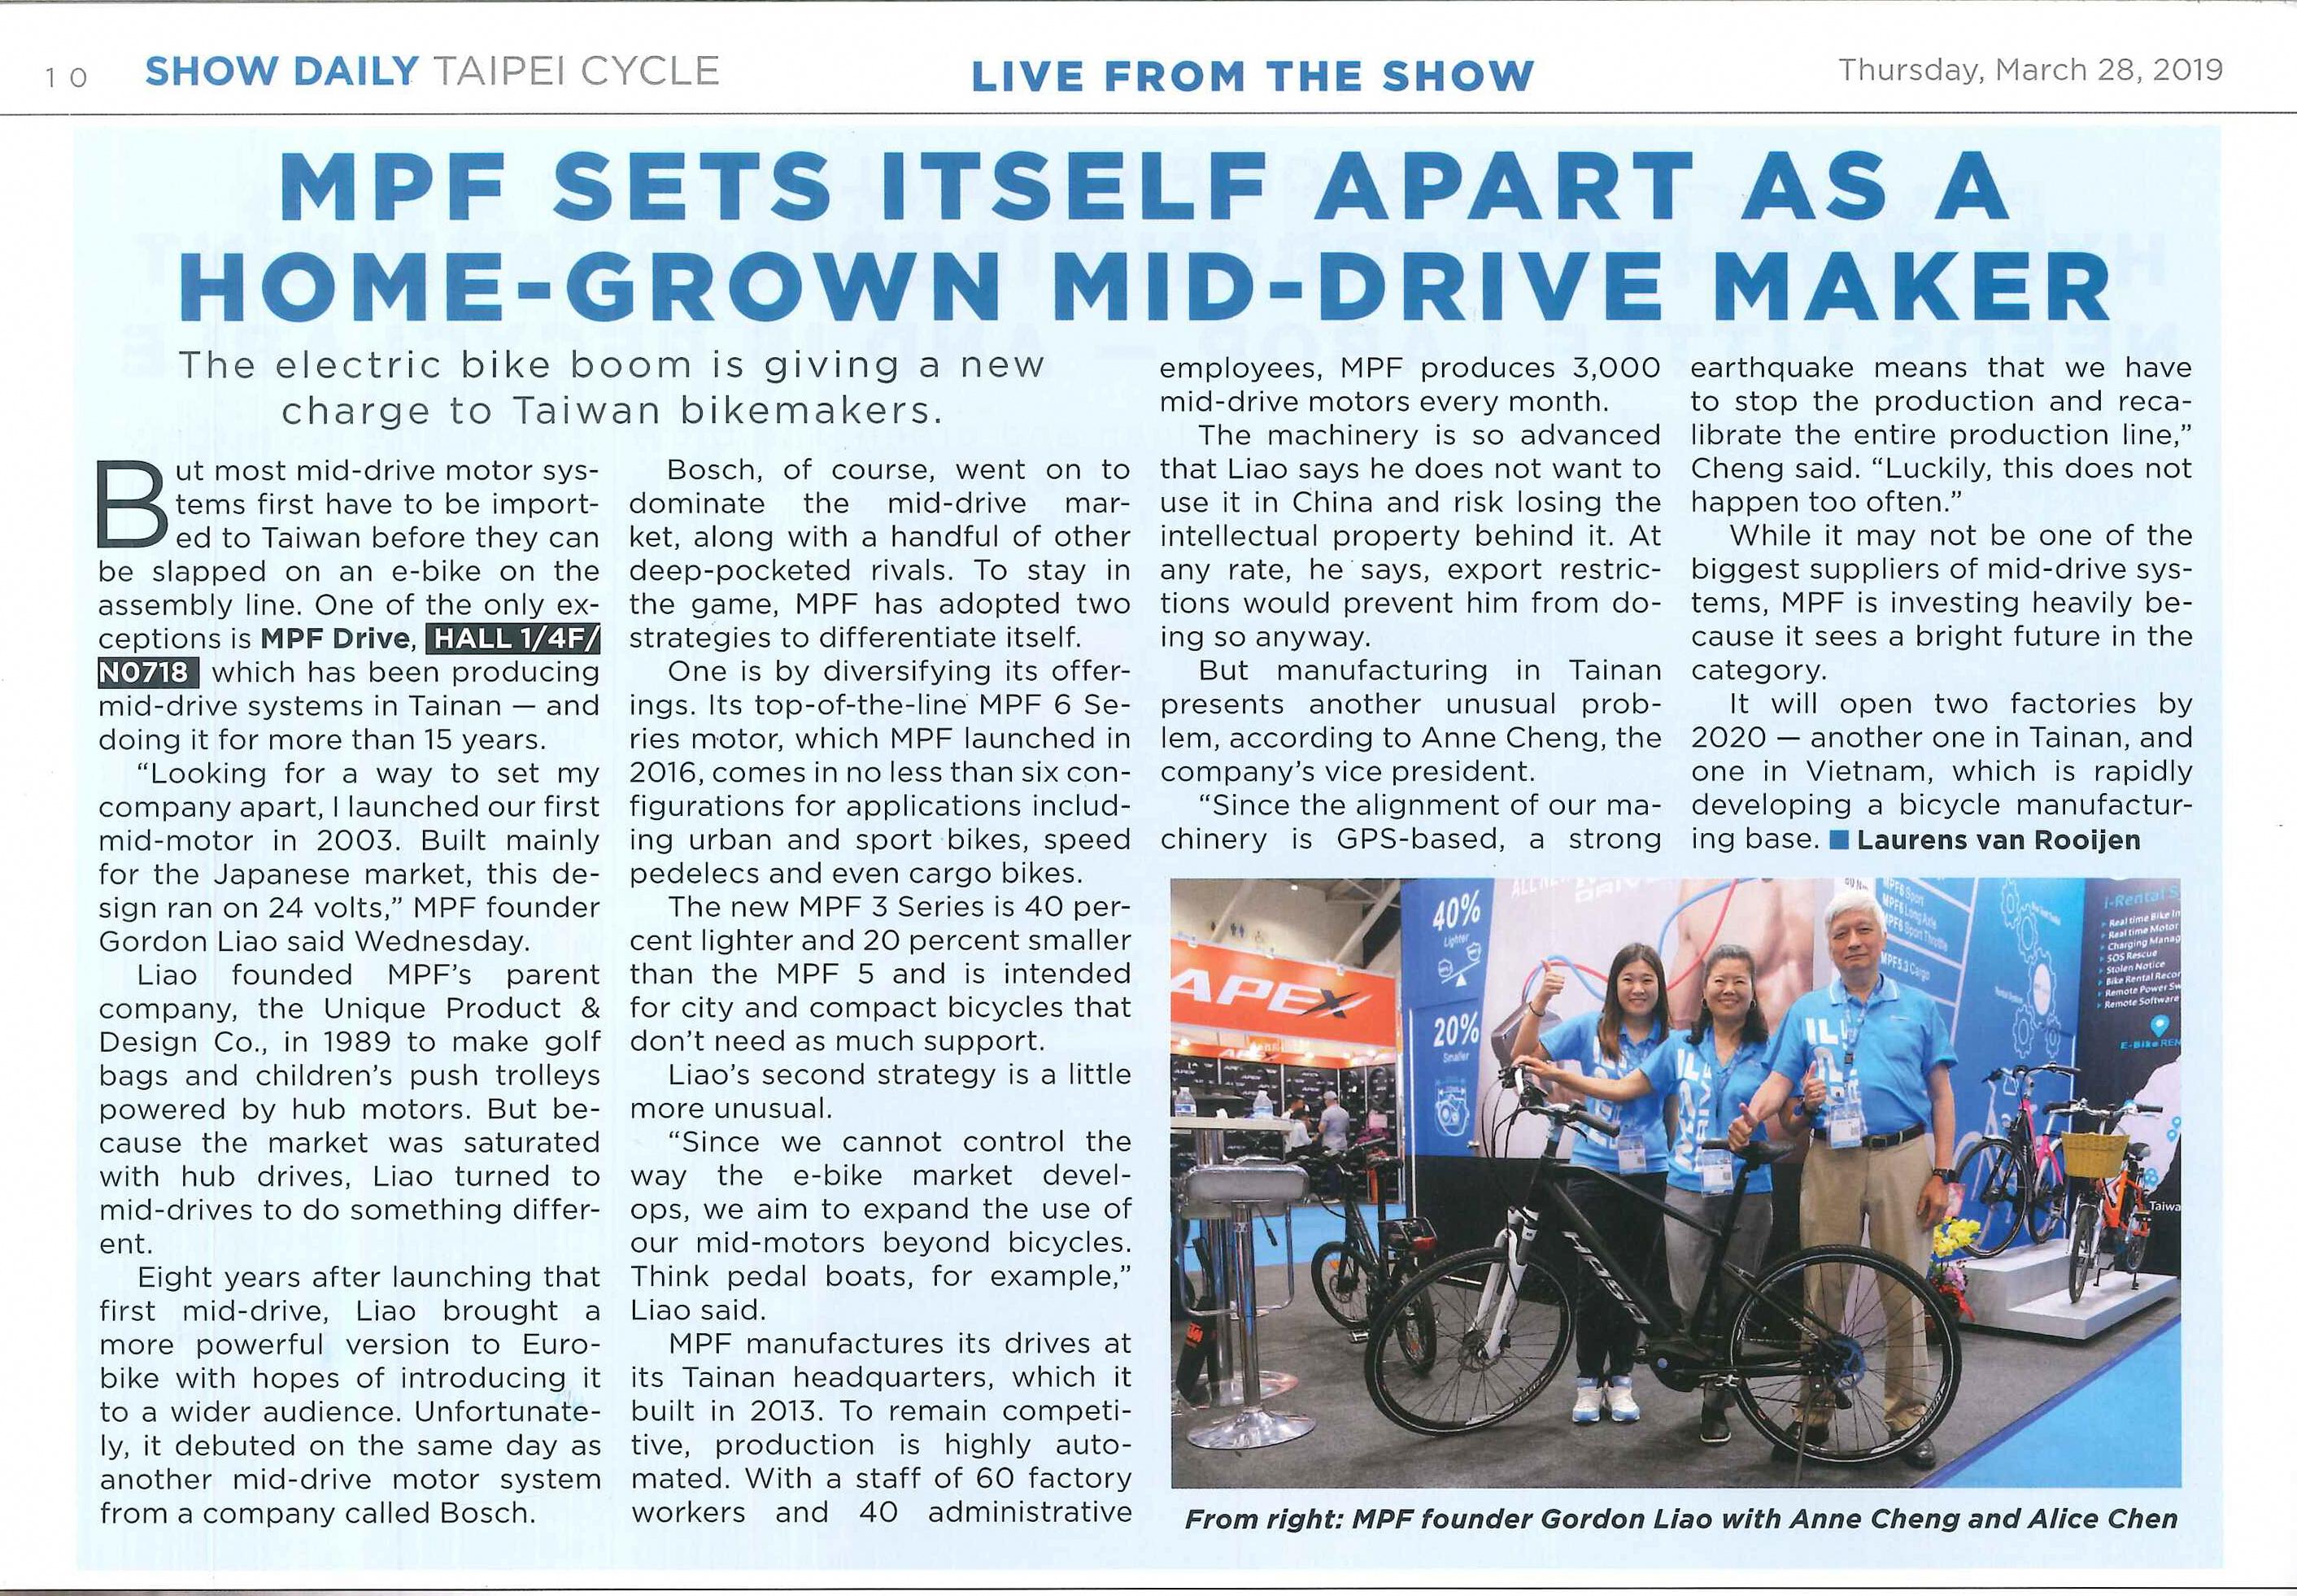 感謝台北展期間的雜誌報導